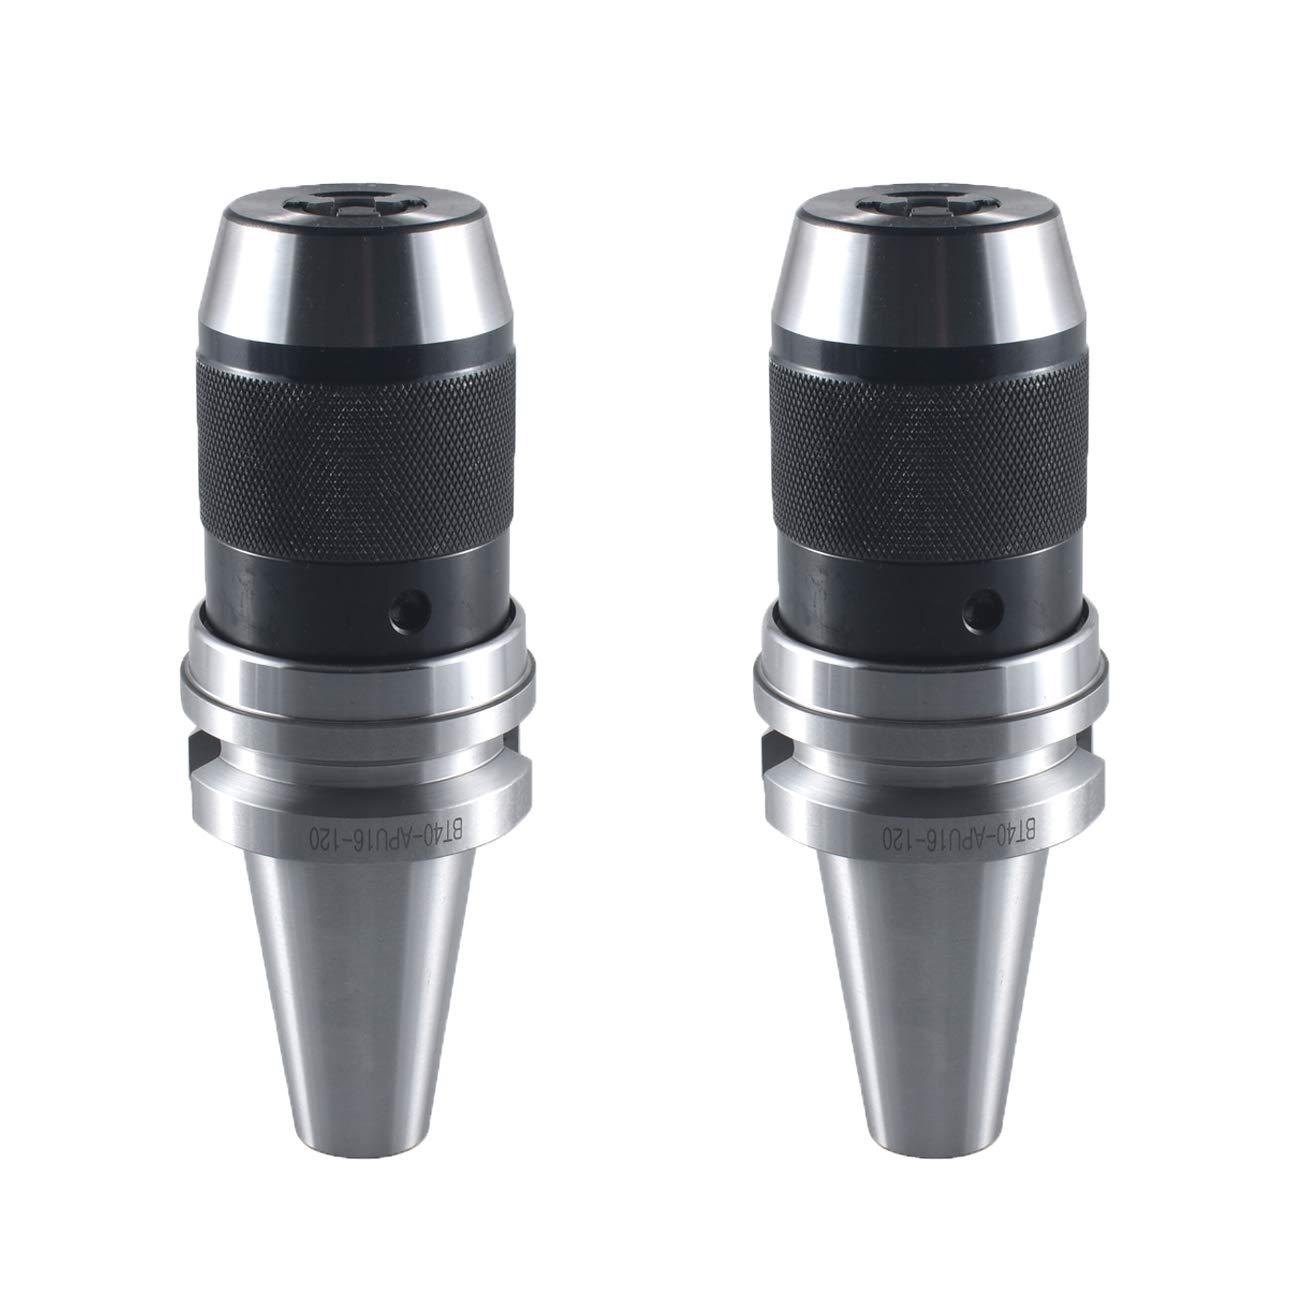 BT40-APU16-120 keyless drill chuck Integrated Shank Arbor BT40 APU16 120L